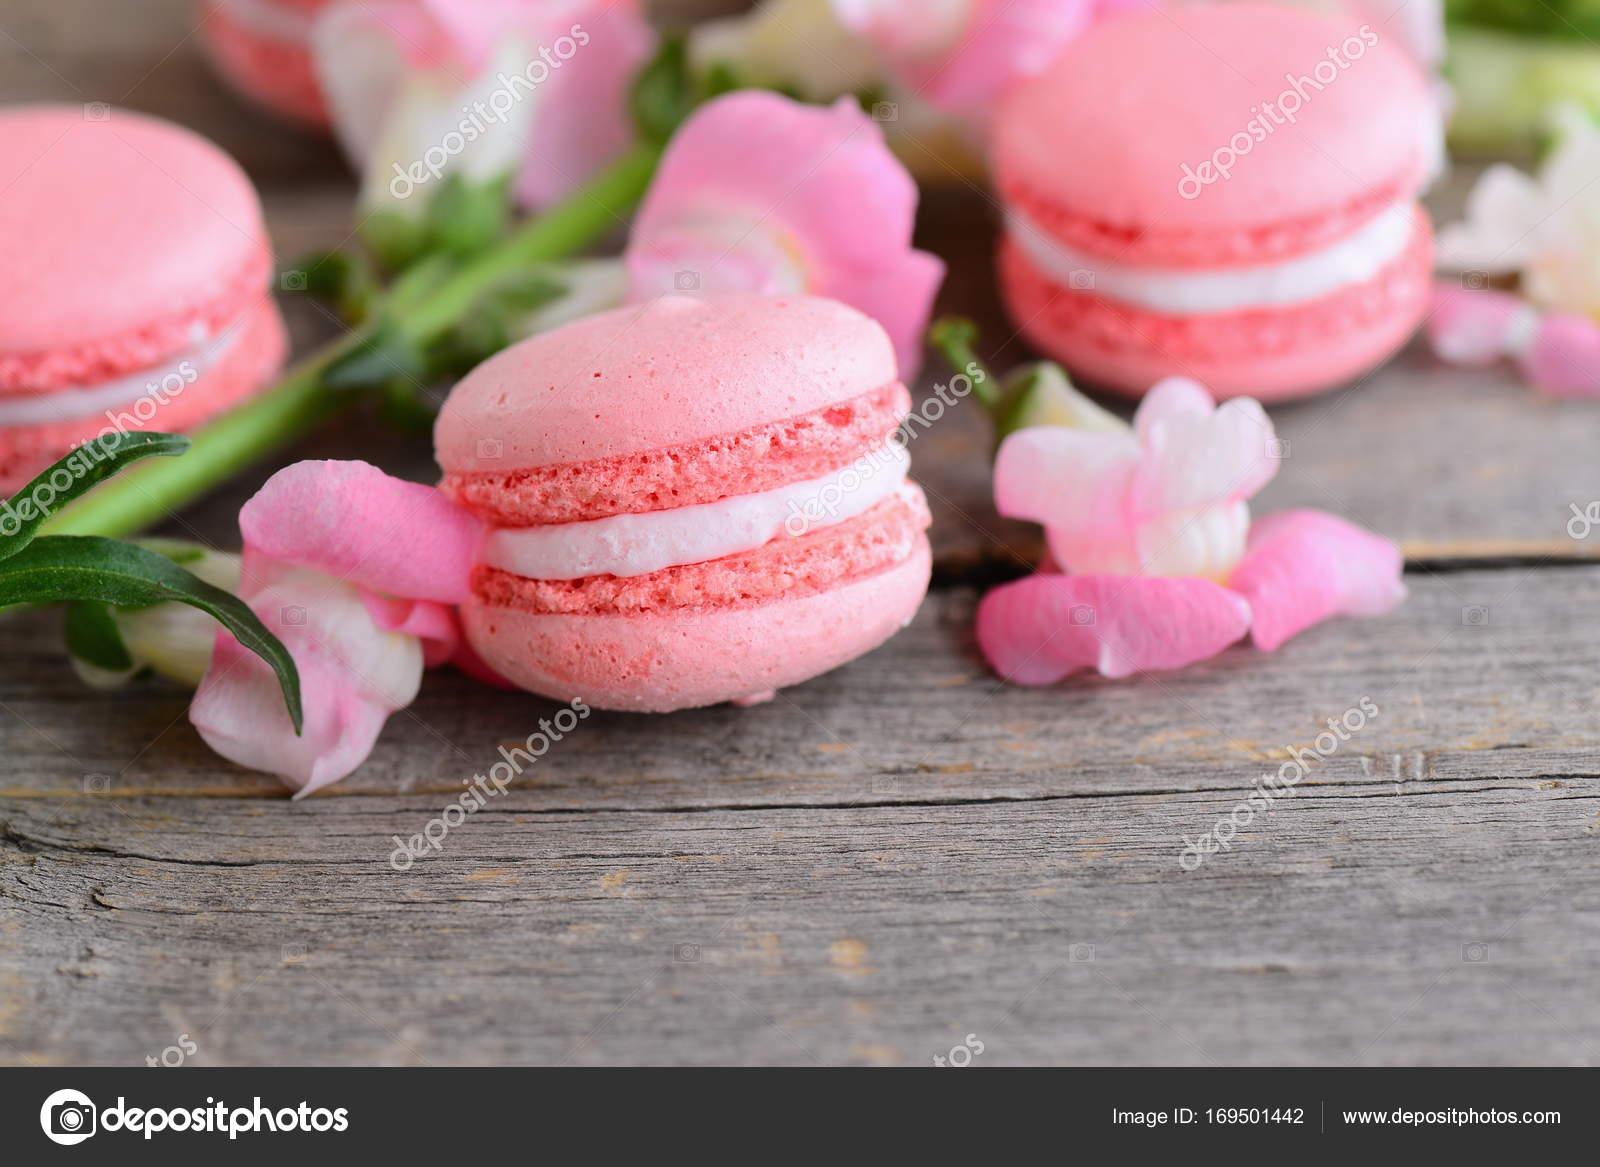 Beliebte Franzosische Kuchen Macarons Leichte Rosa Macarons Und